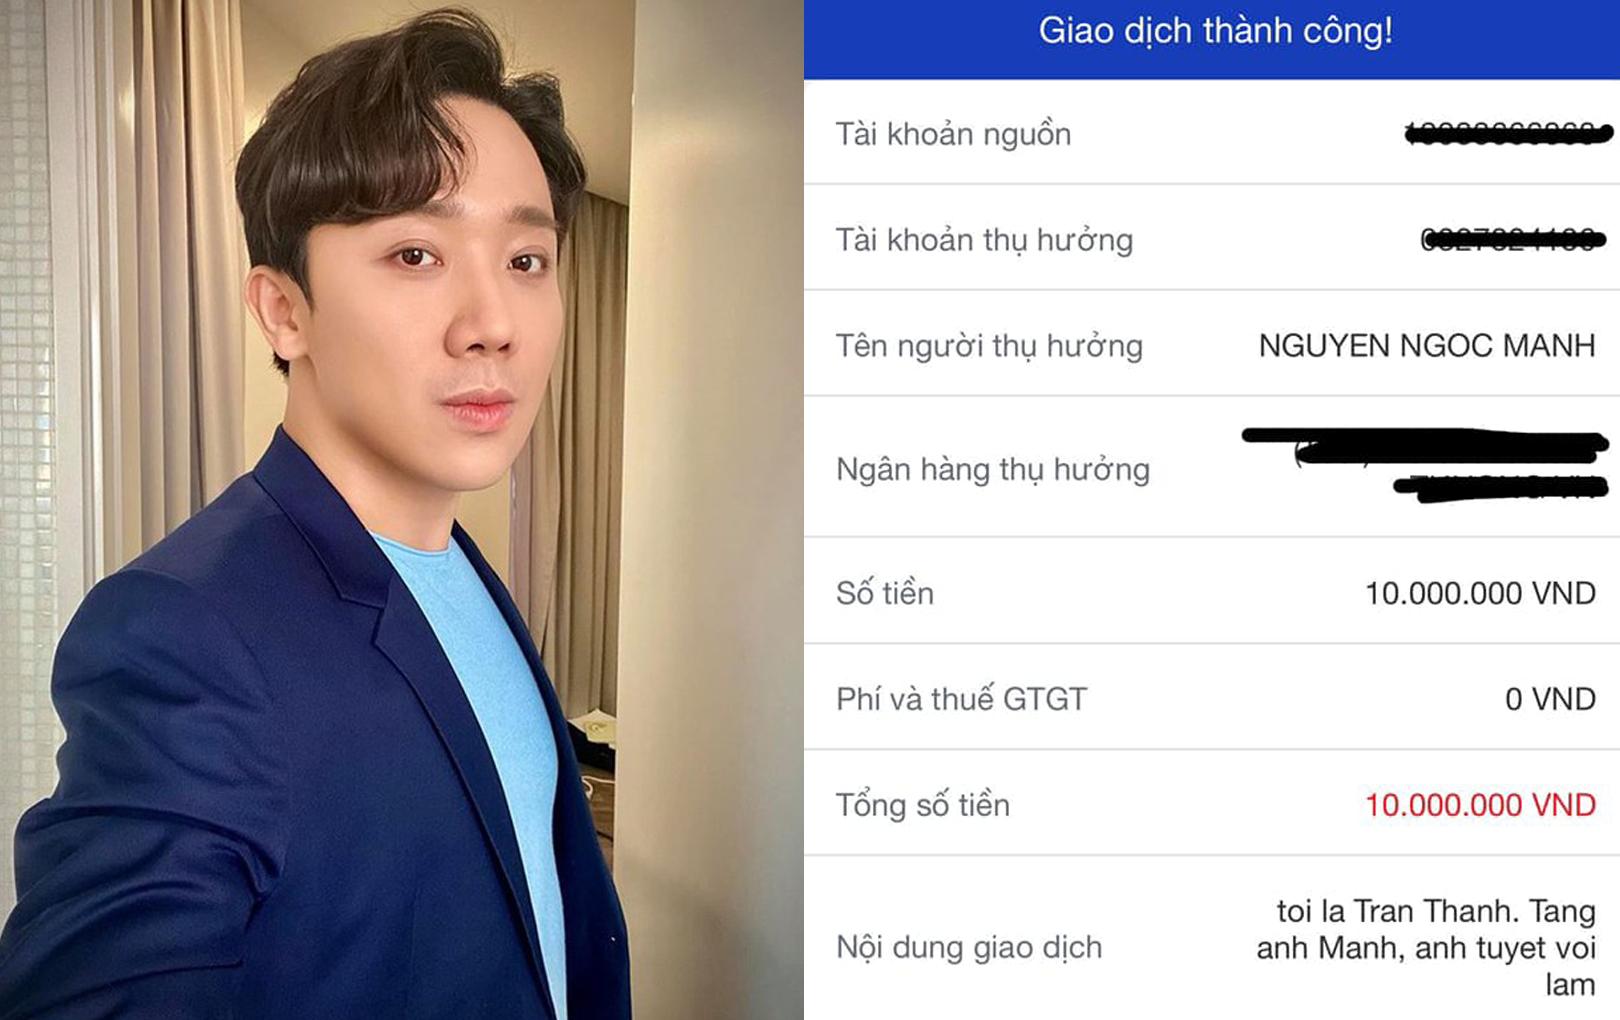 """Trấn Thành gửi tặng """"người hùng"""" Nguyễn Ngọc Mạnh 10 triệu đồng: """"Chúng ta hãy khuyến khích những điều tích cực!"""""""